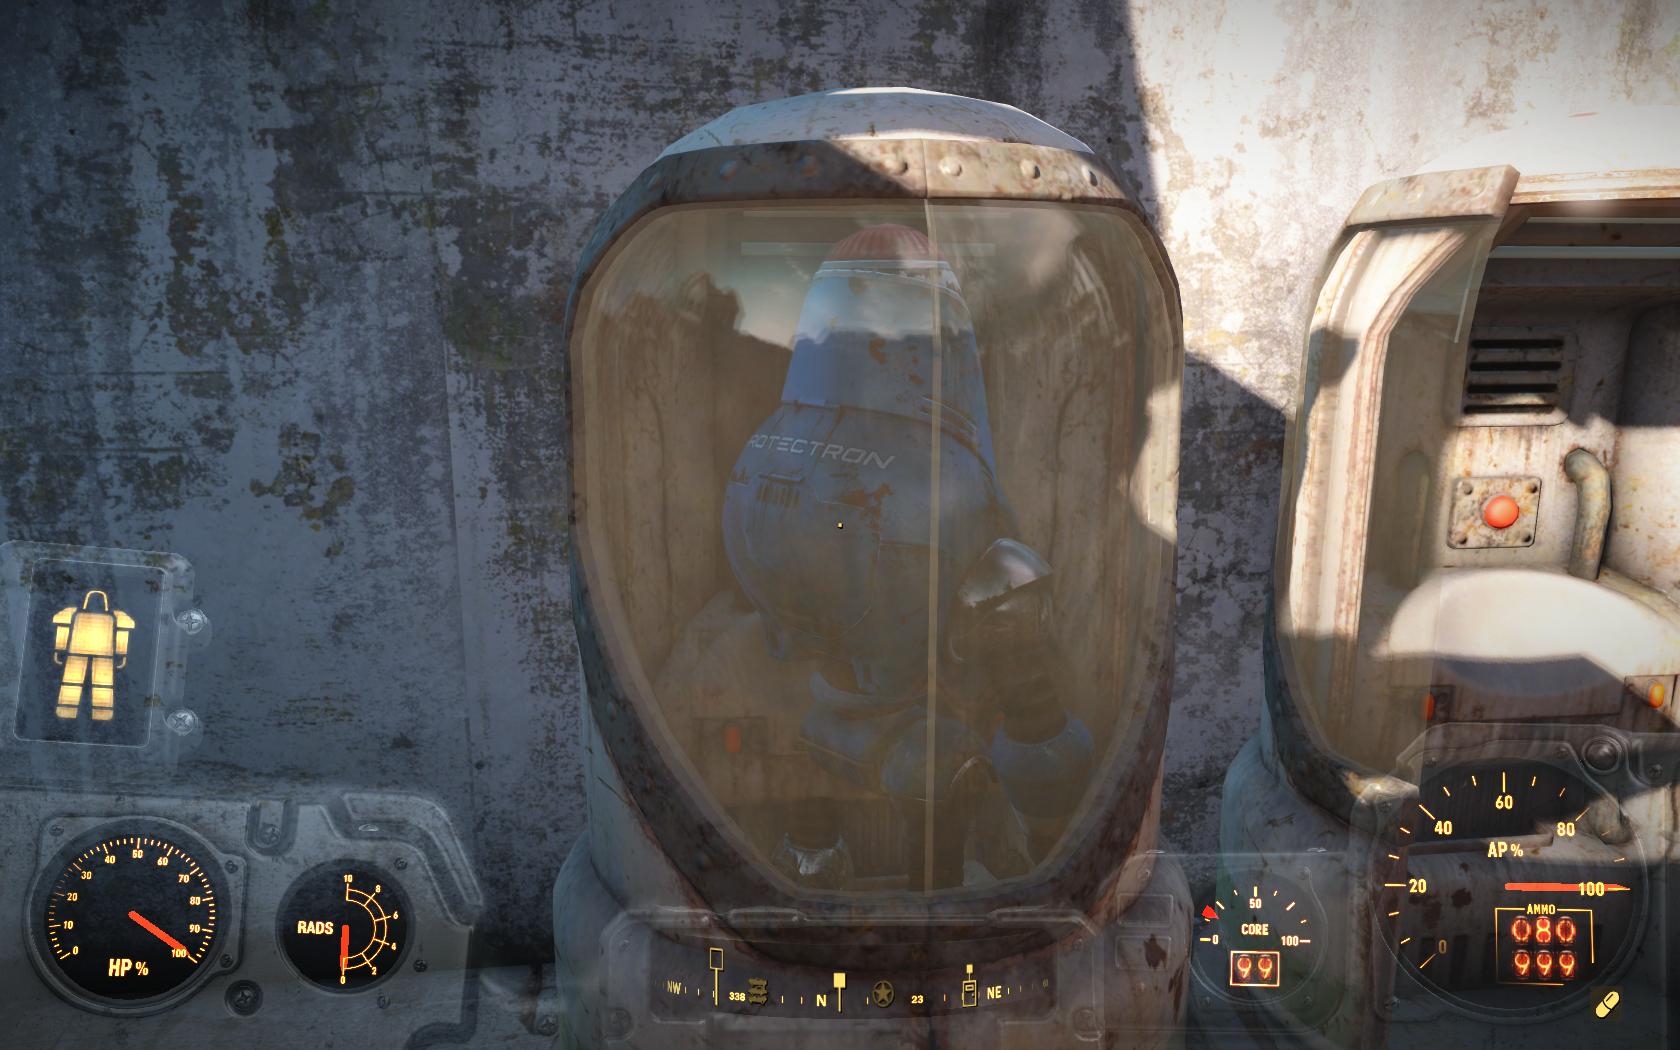 Протектрон повернулся - решил разнообразить свою жизнь (здание около Джамейки-Плейн) - Fallout 4 Баг, Джамейки-Плейн, Протектрон